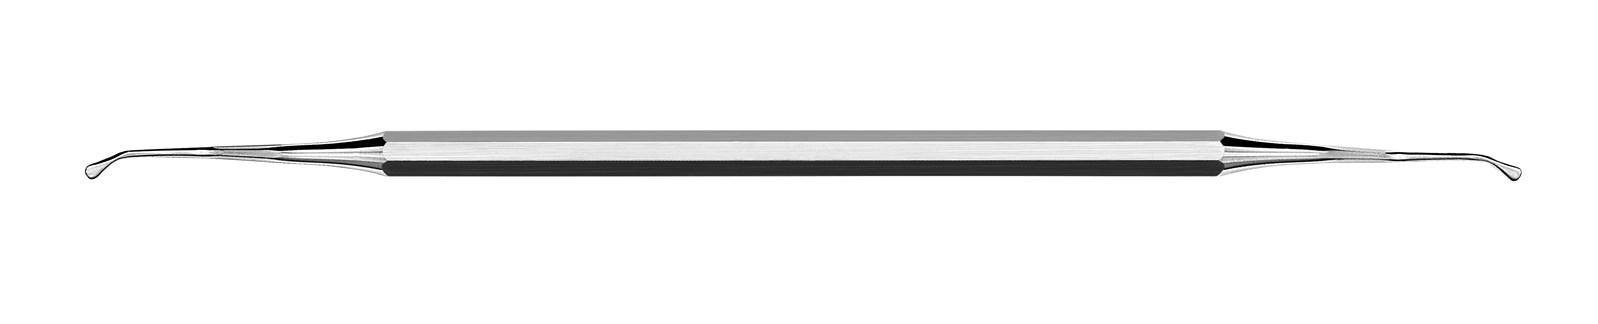 Nůž pro tunelovou techniku - TKP, ADEP světle modrý